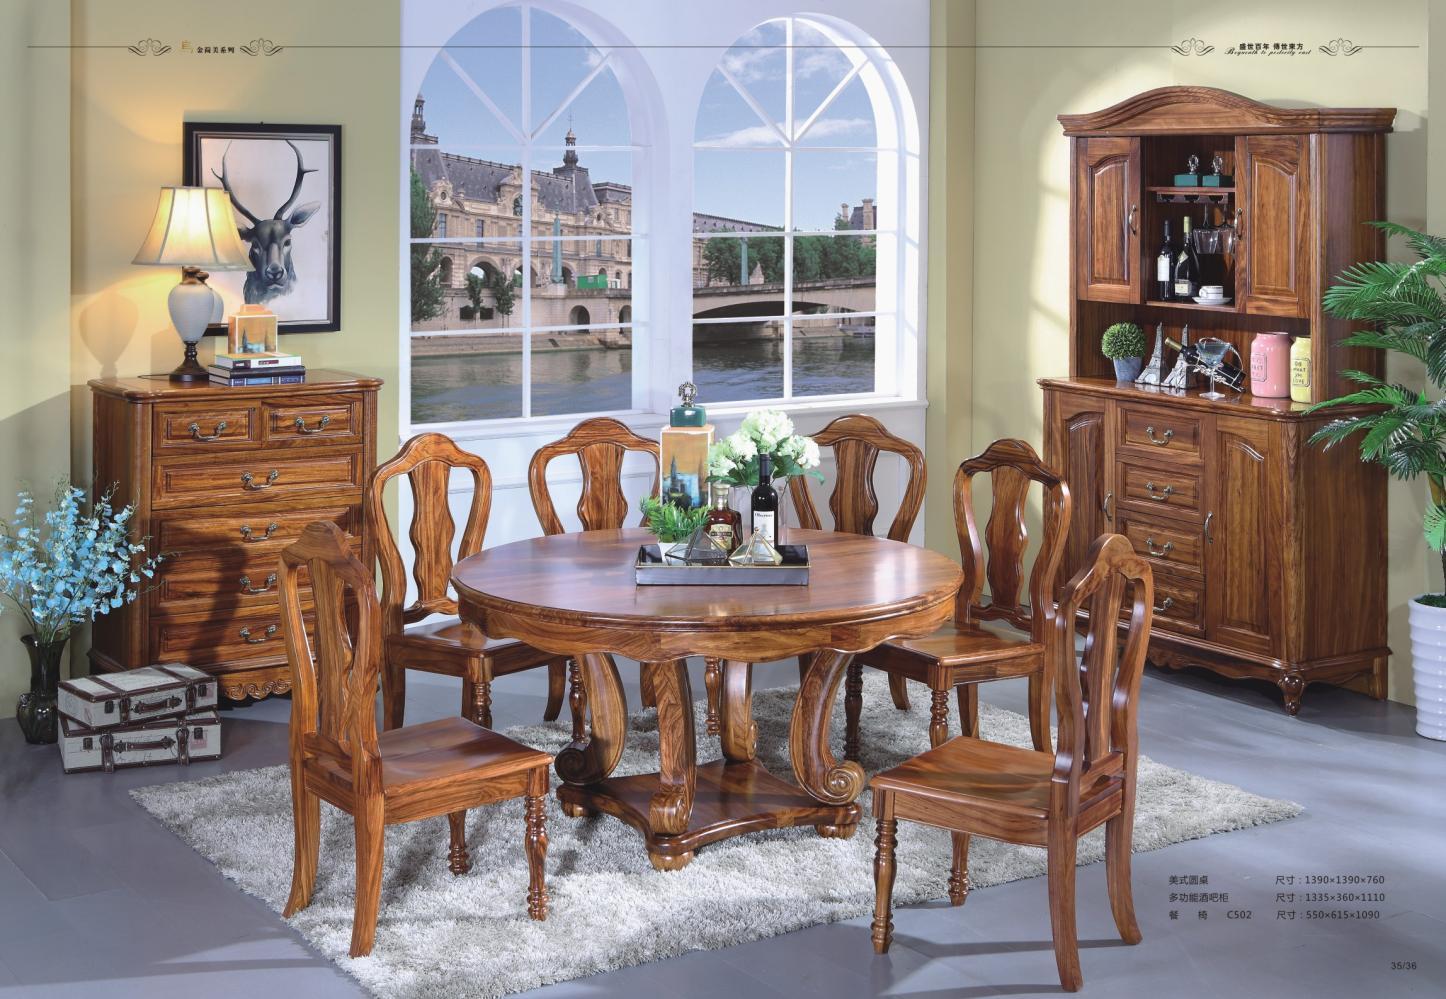 乌金简美系列,家具设计源自于意大利,出于意大利著名家具设计师亨利